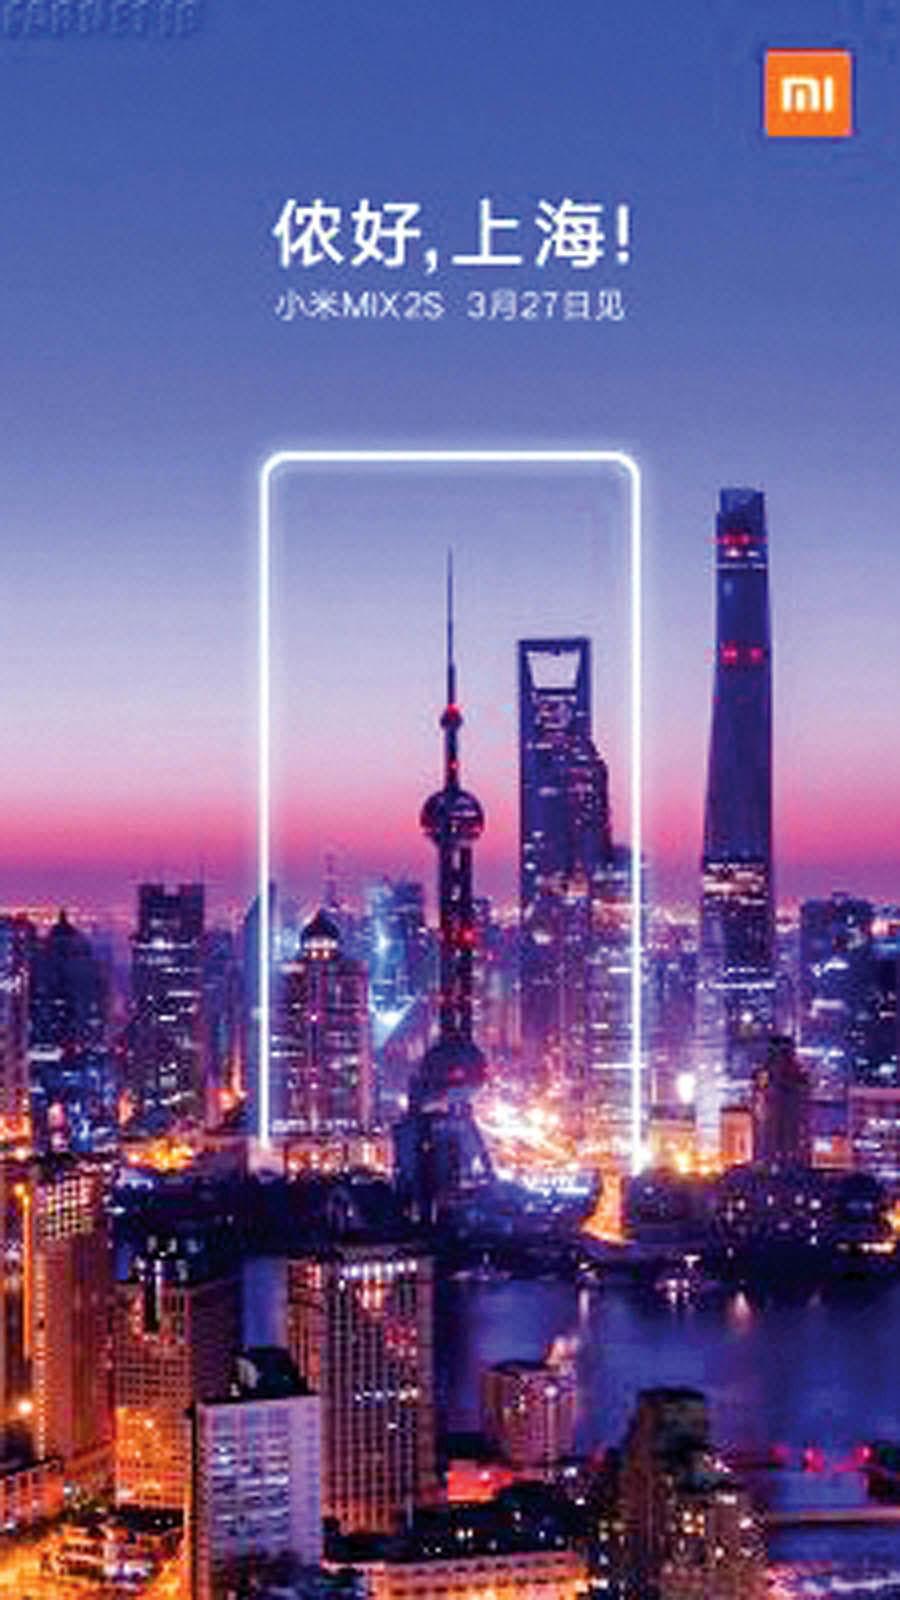 شیائومی میمیکس 2اس هفتم فروردینماه در شانگهای رونمایی میشود